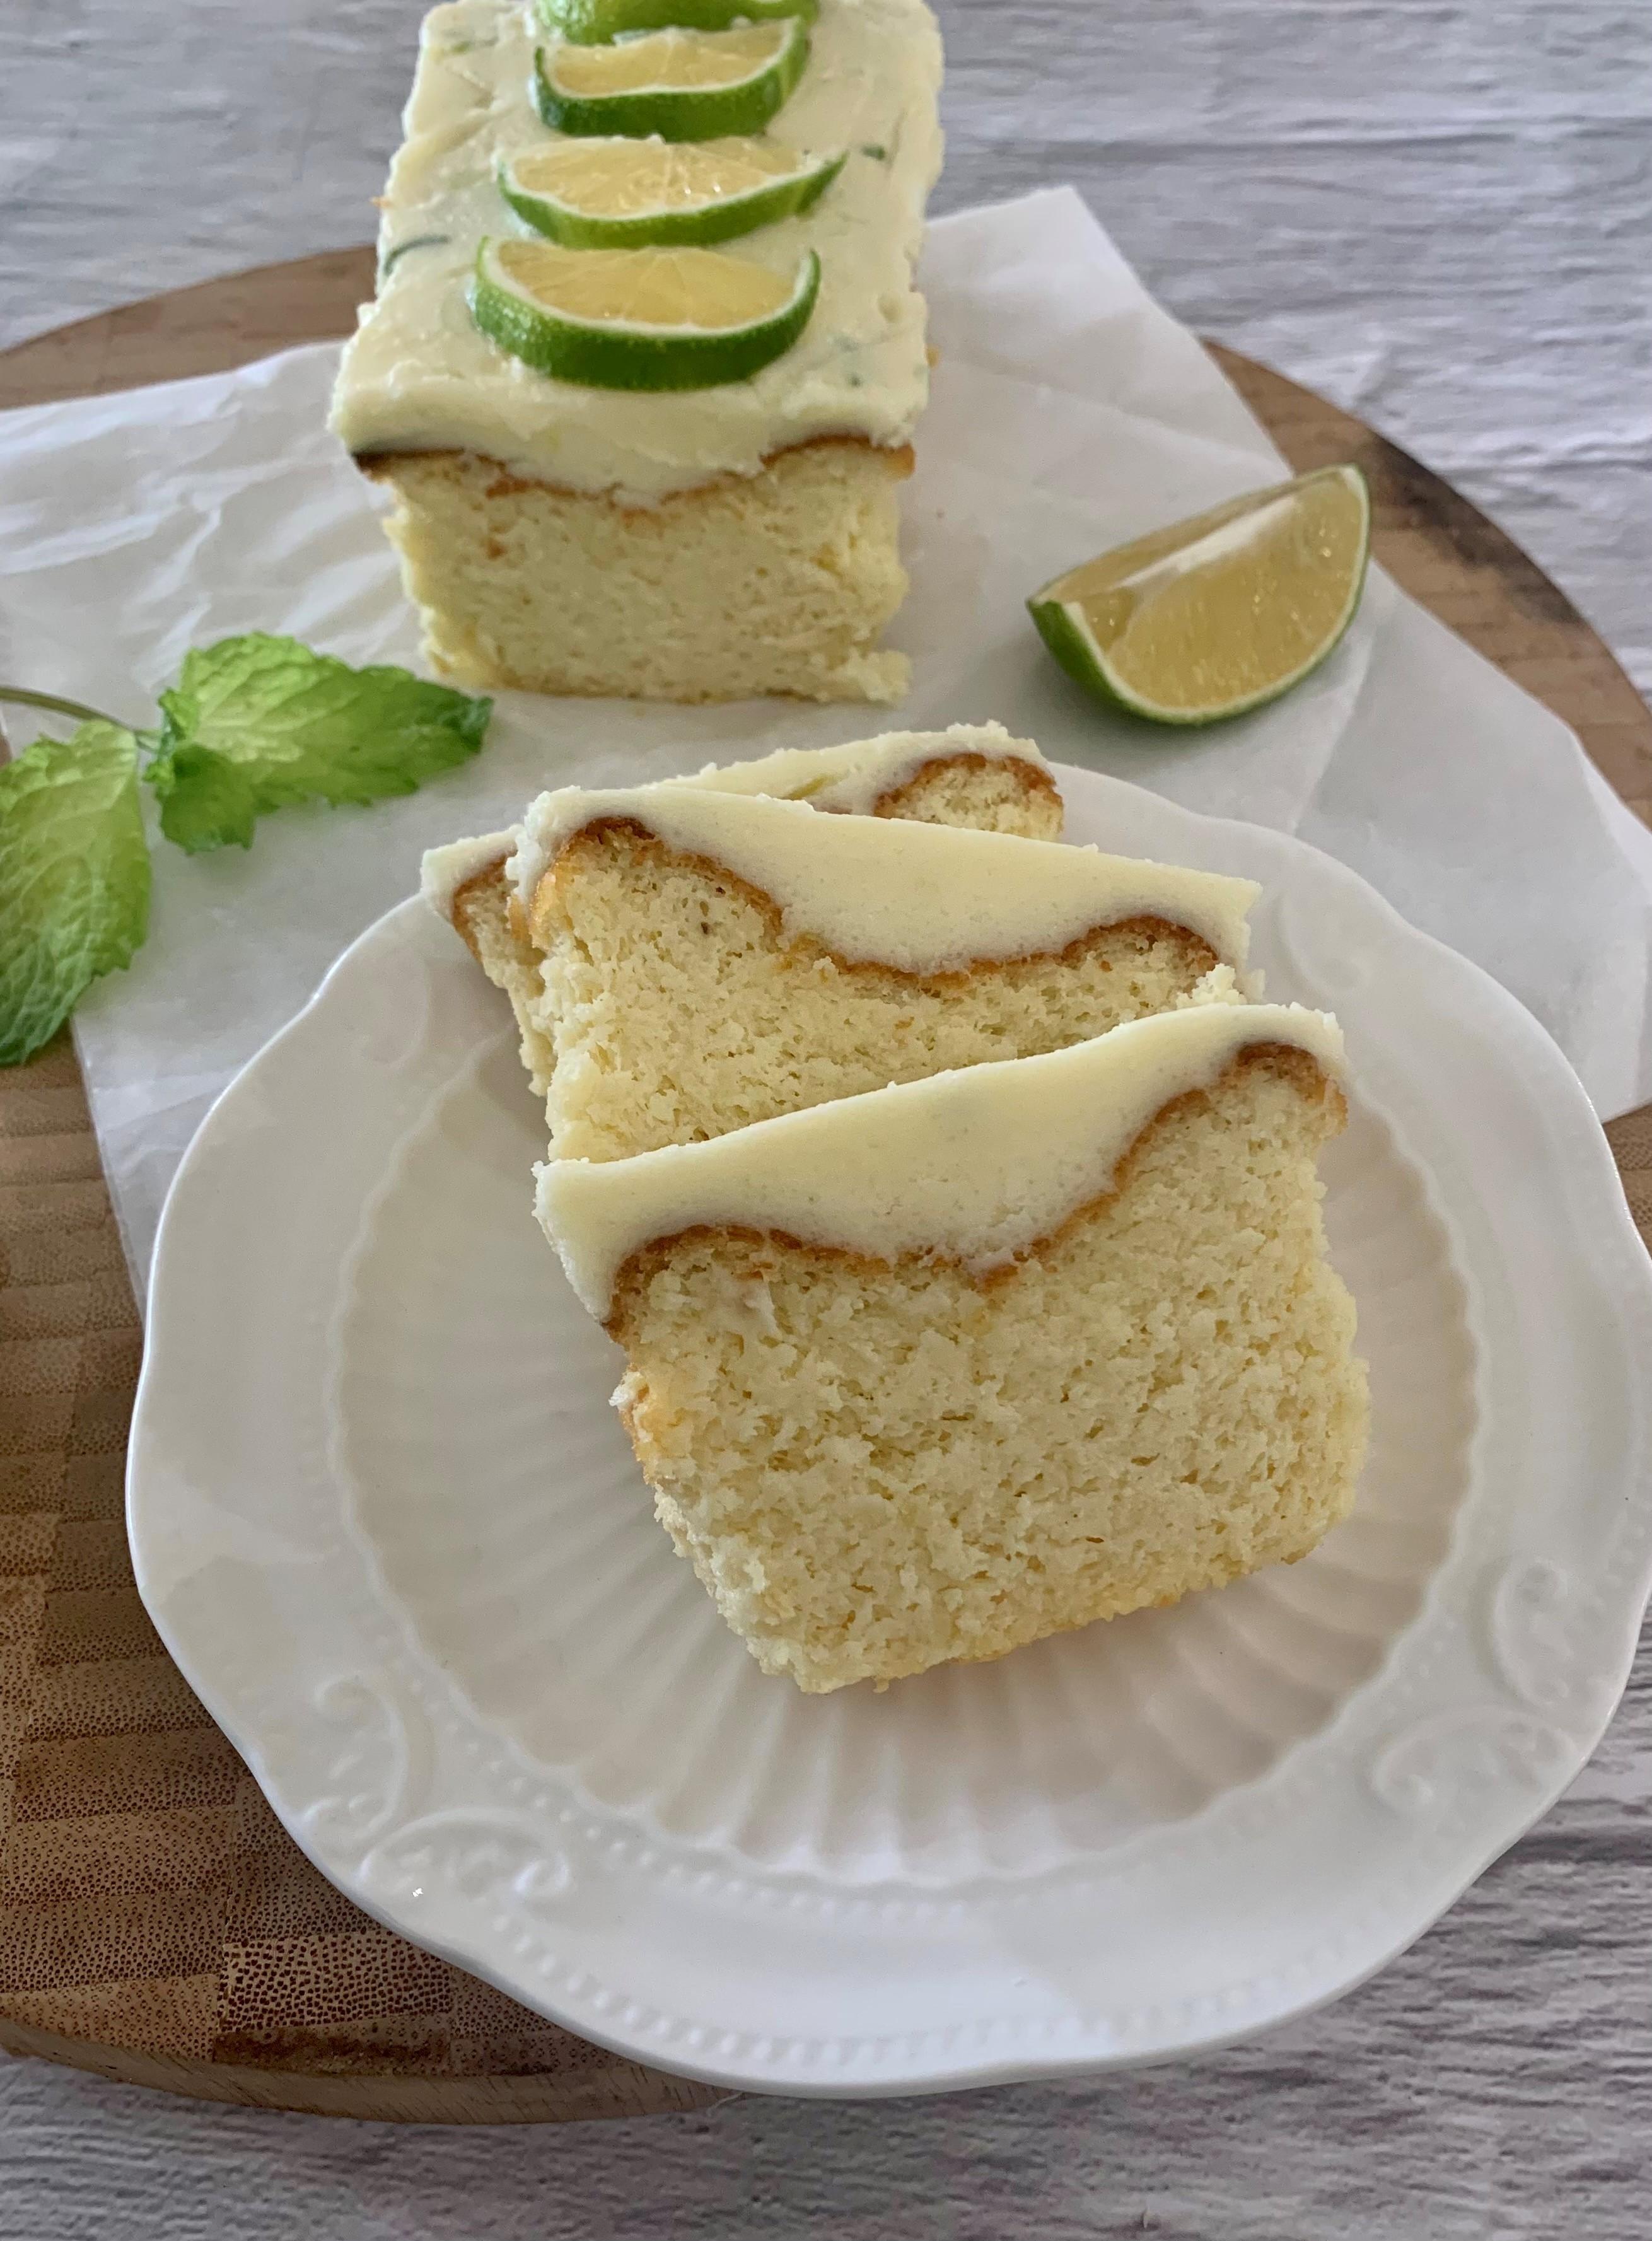 עוגה בחושה ללא קמח ללא סוכר